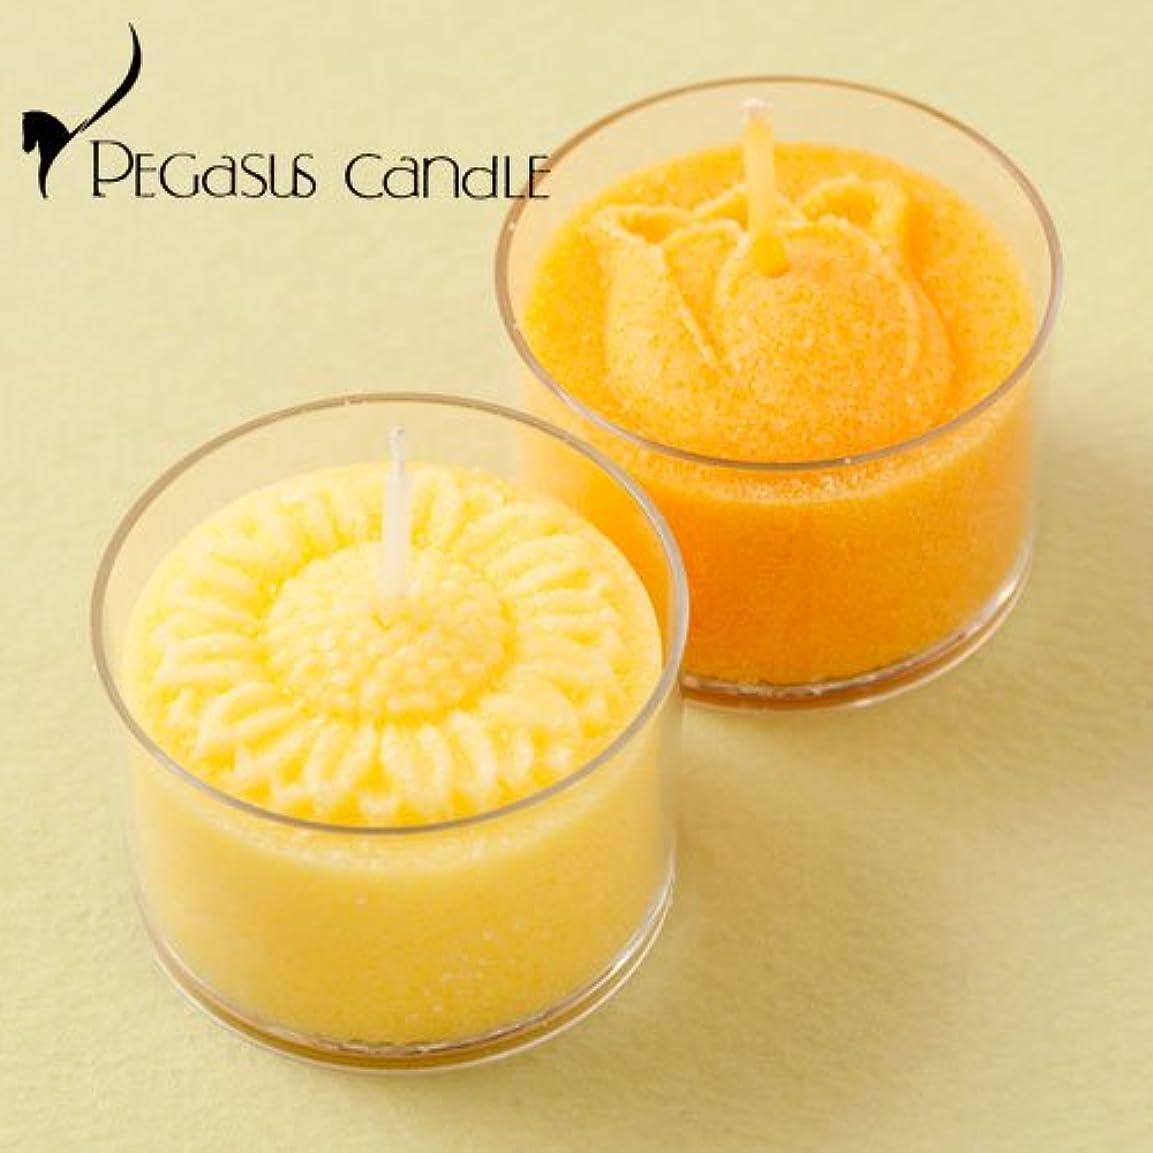 独立したアーサー立ち寄る花暦ヒマワリ?チューリップ花の形のキャンドル2個セット(無香タイプ)ペガサスキャンドルFlower shaped candle